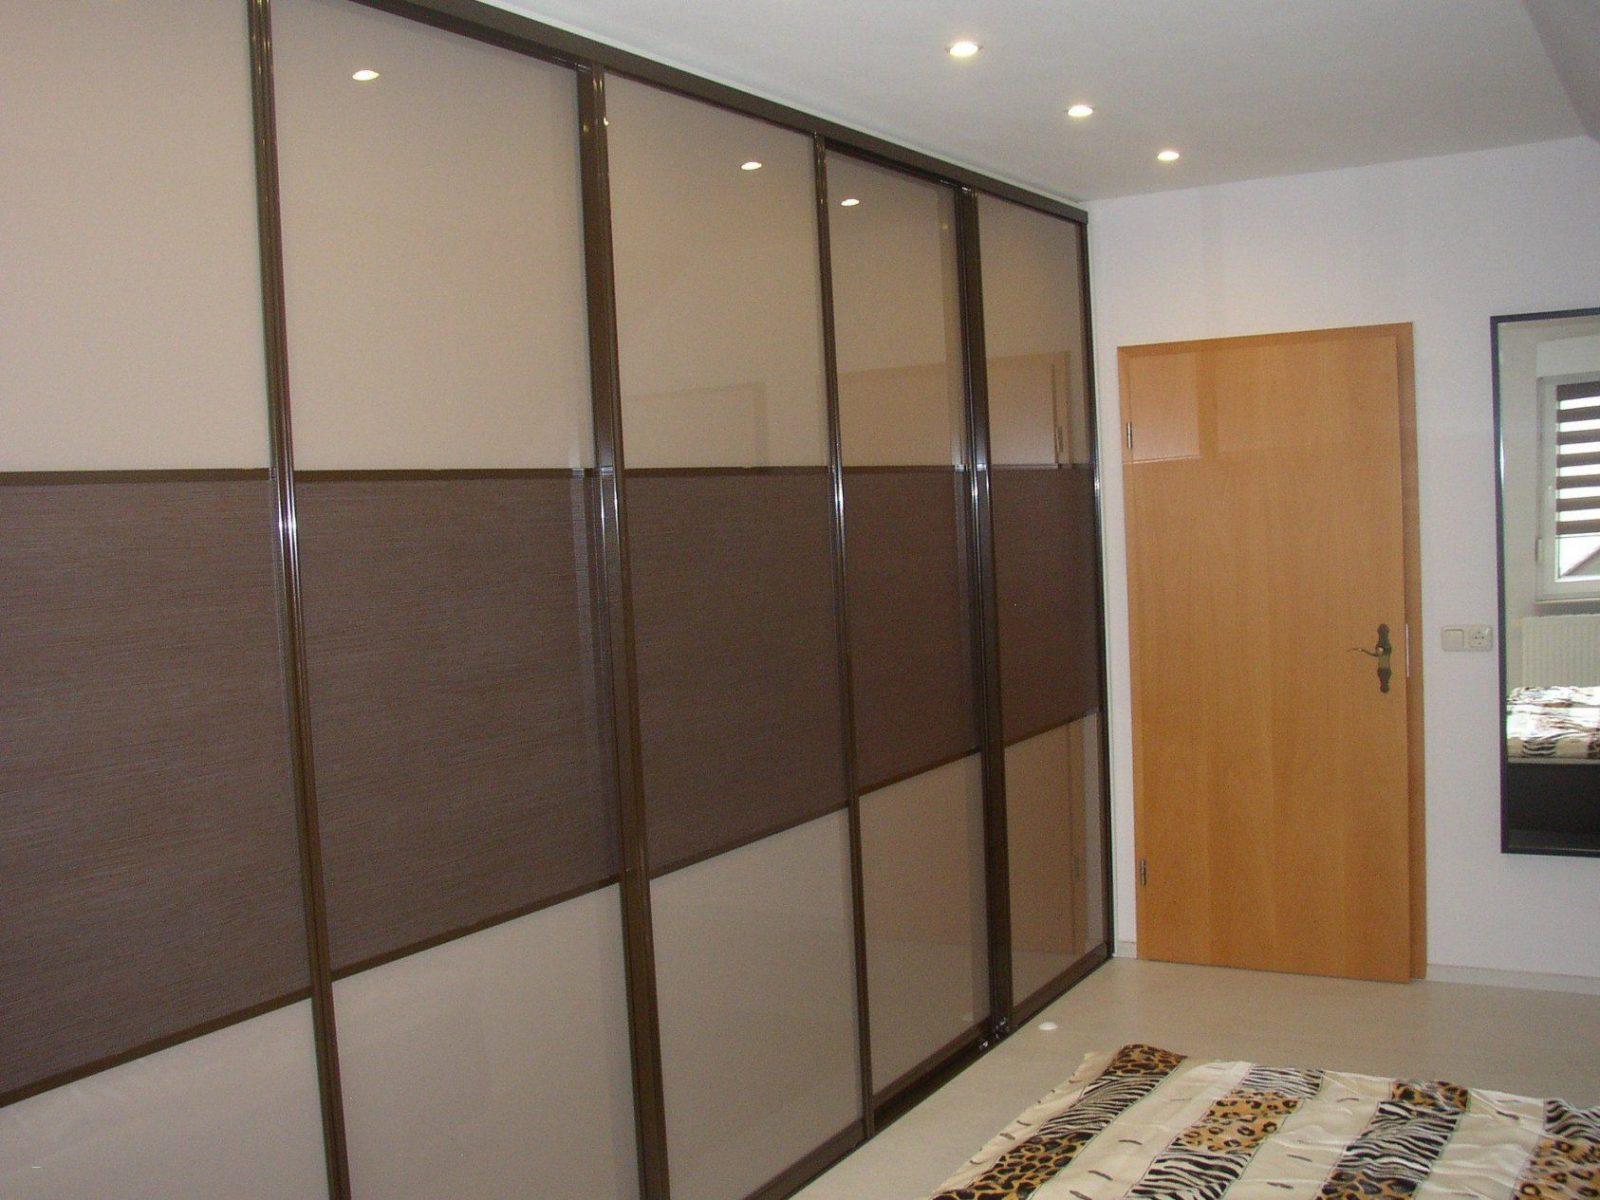 Badezimmer Schrank Nach Ma Badezimmer Schn Schiebetr Badezimmer Abschliebar Design Nebenebenso